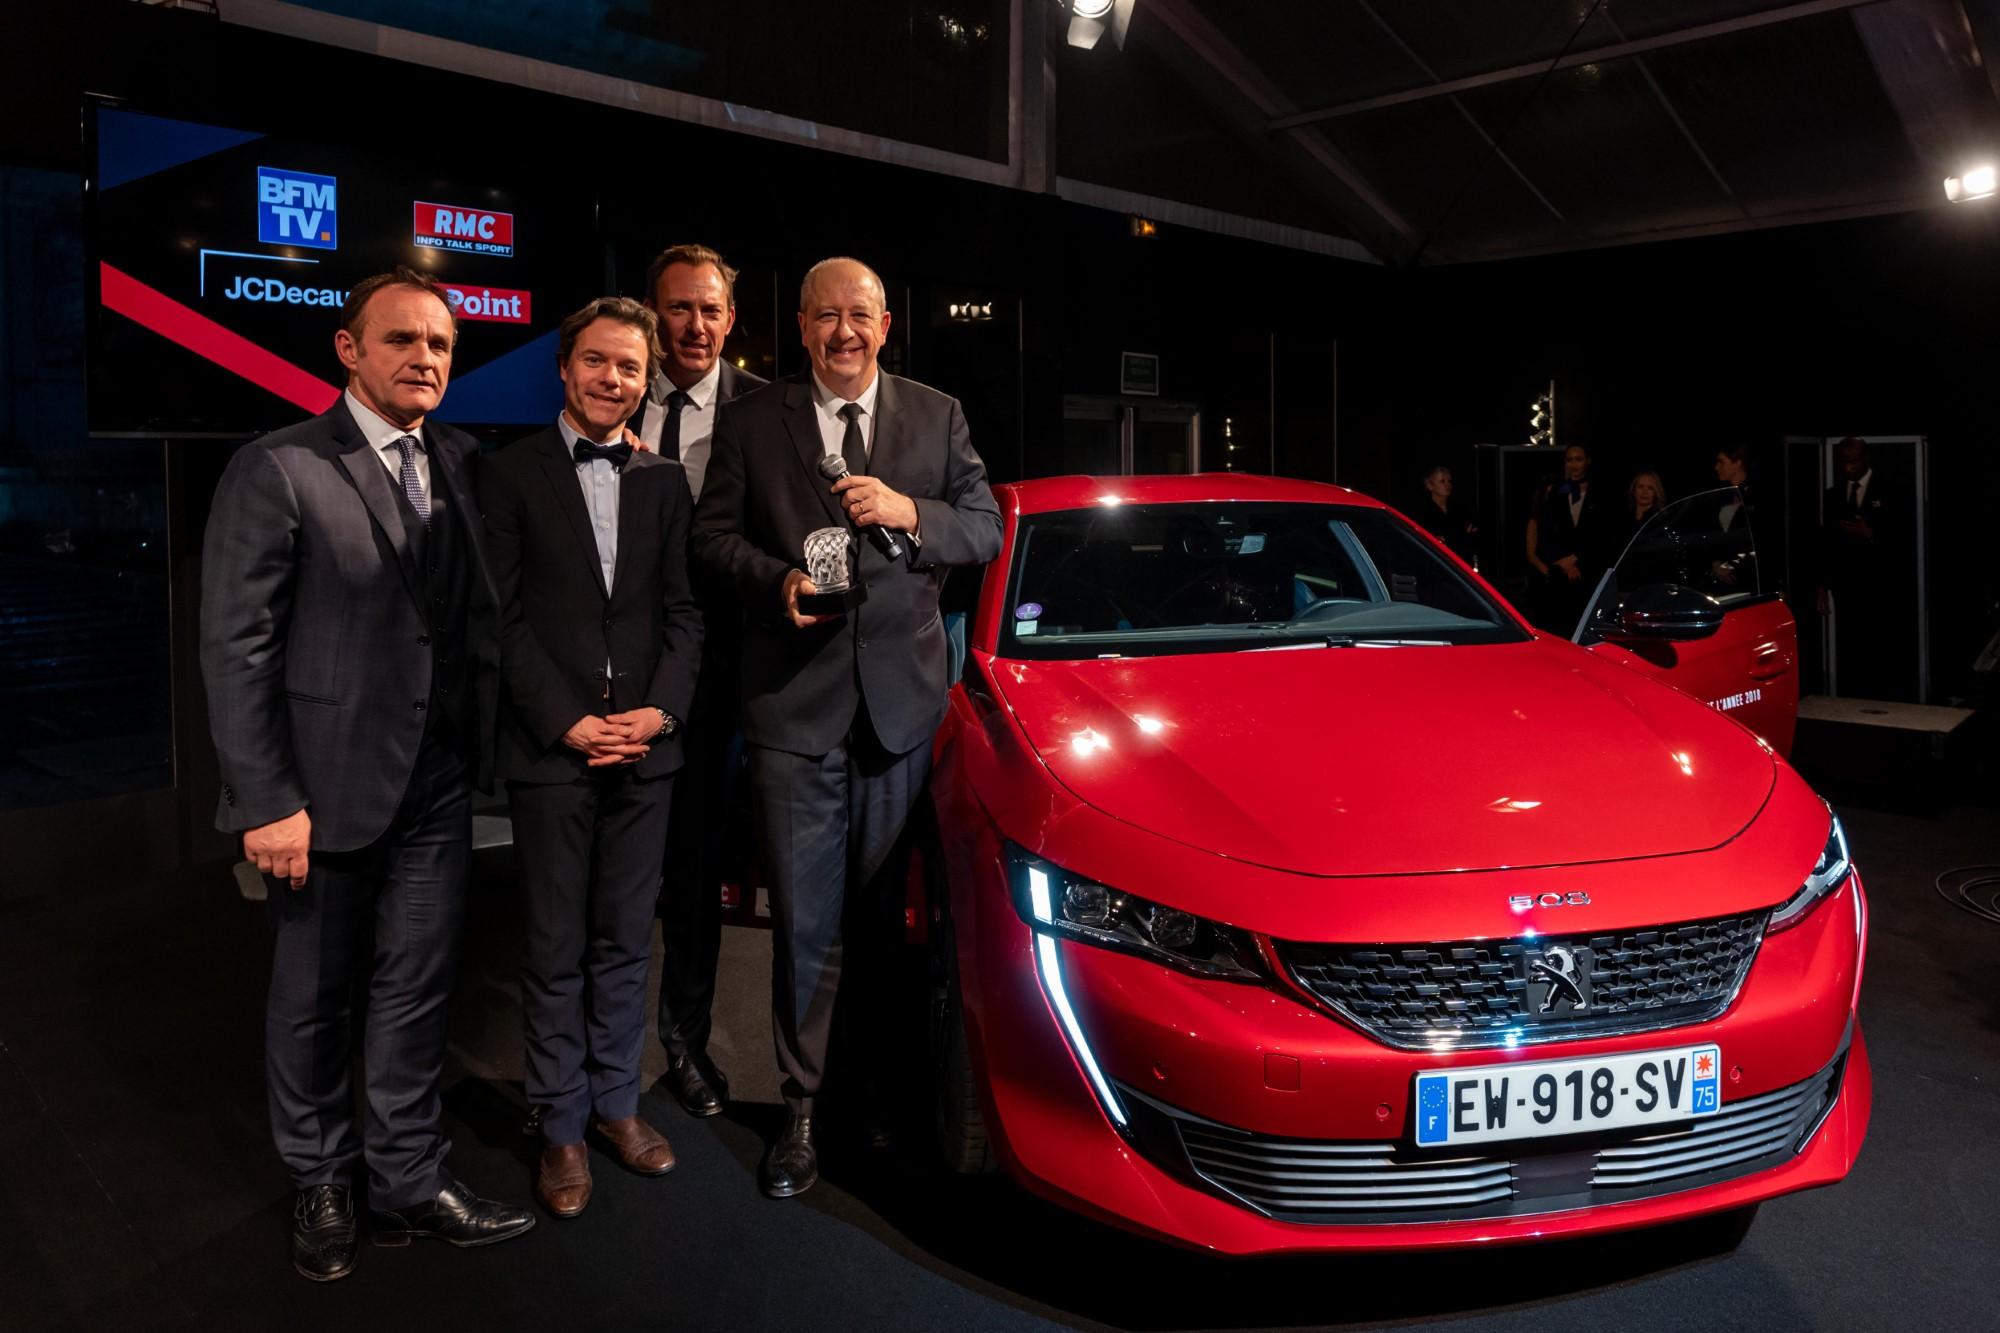 La Peugeot 508 élue plus belle voiture de l'année 2018